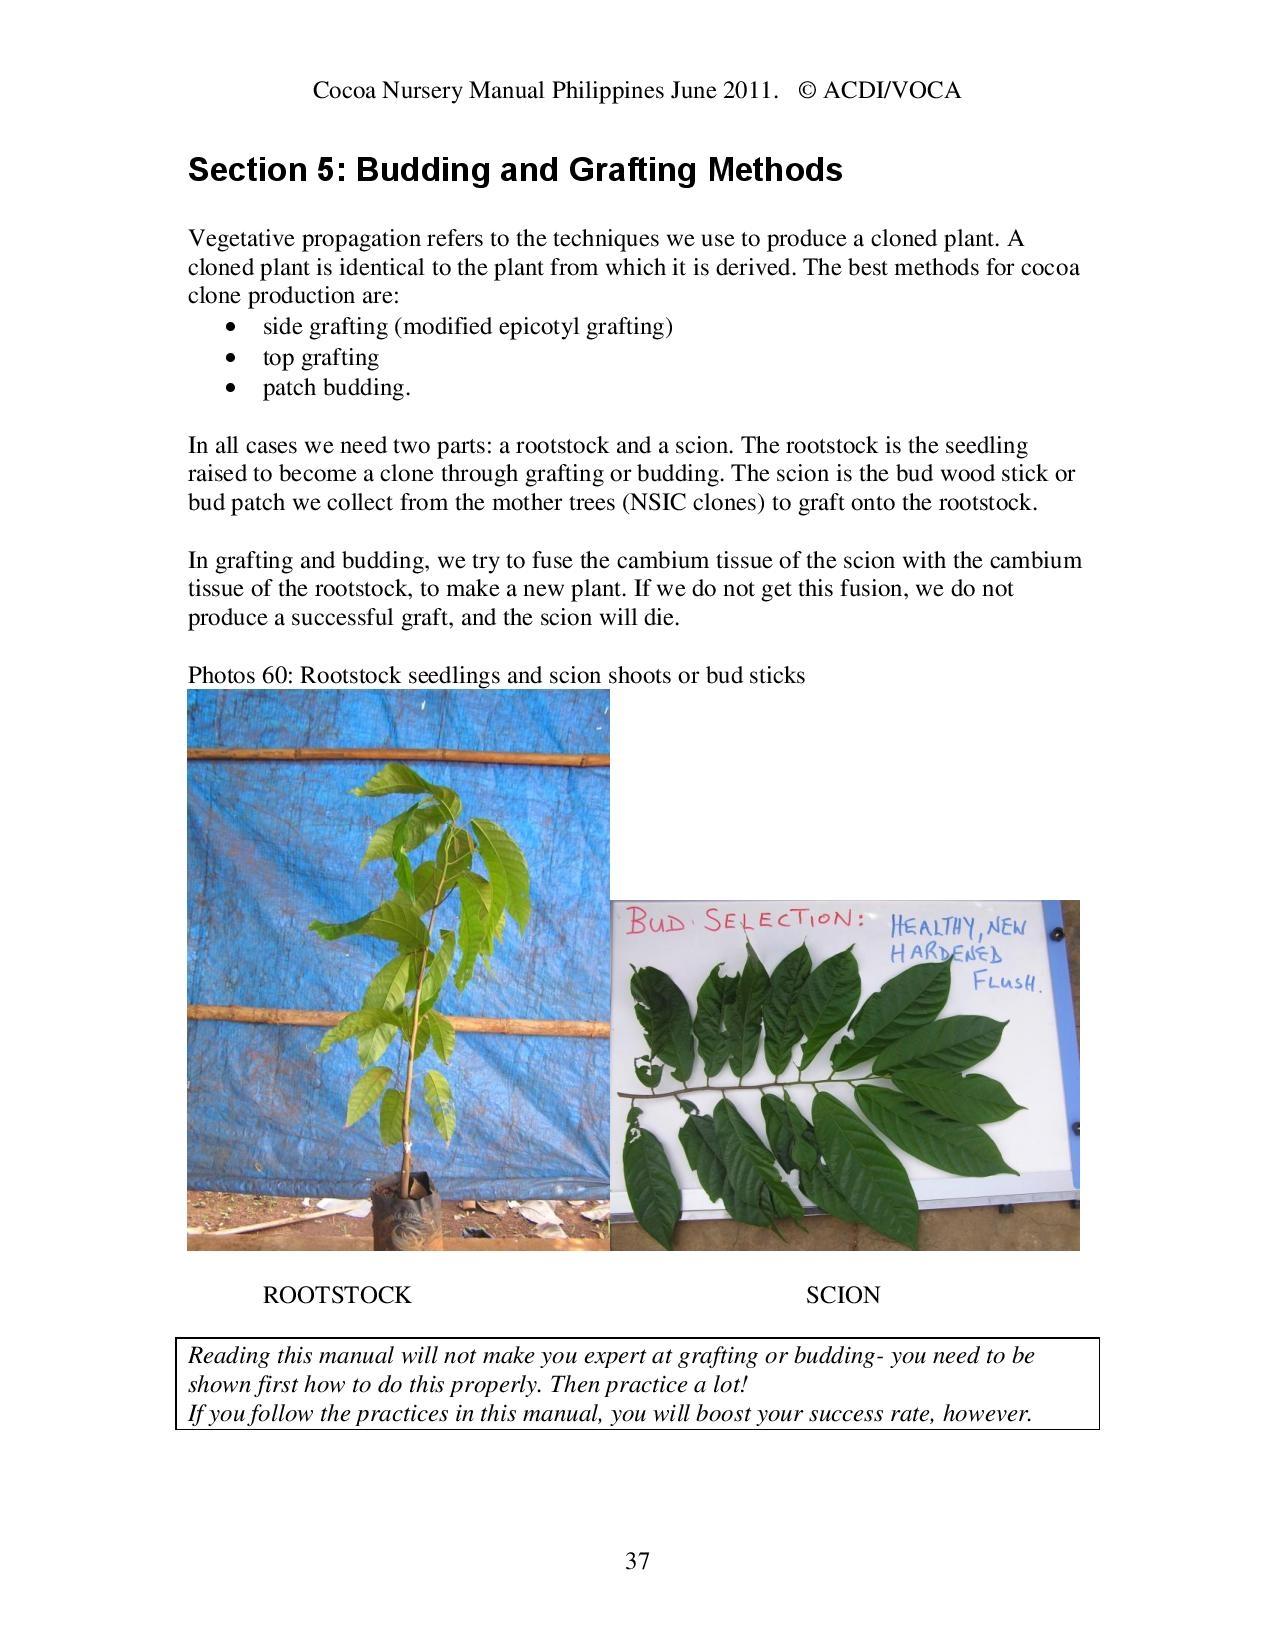 Cocoa-Nursery-Manual-2011_acdi-voca-page-037